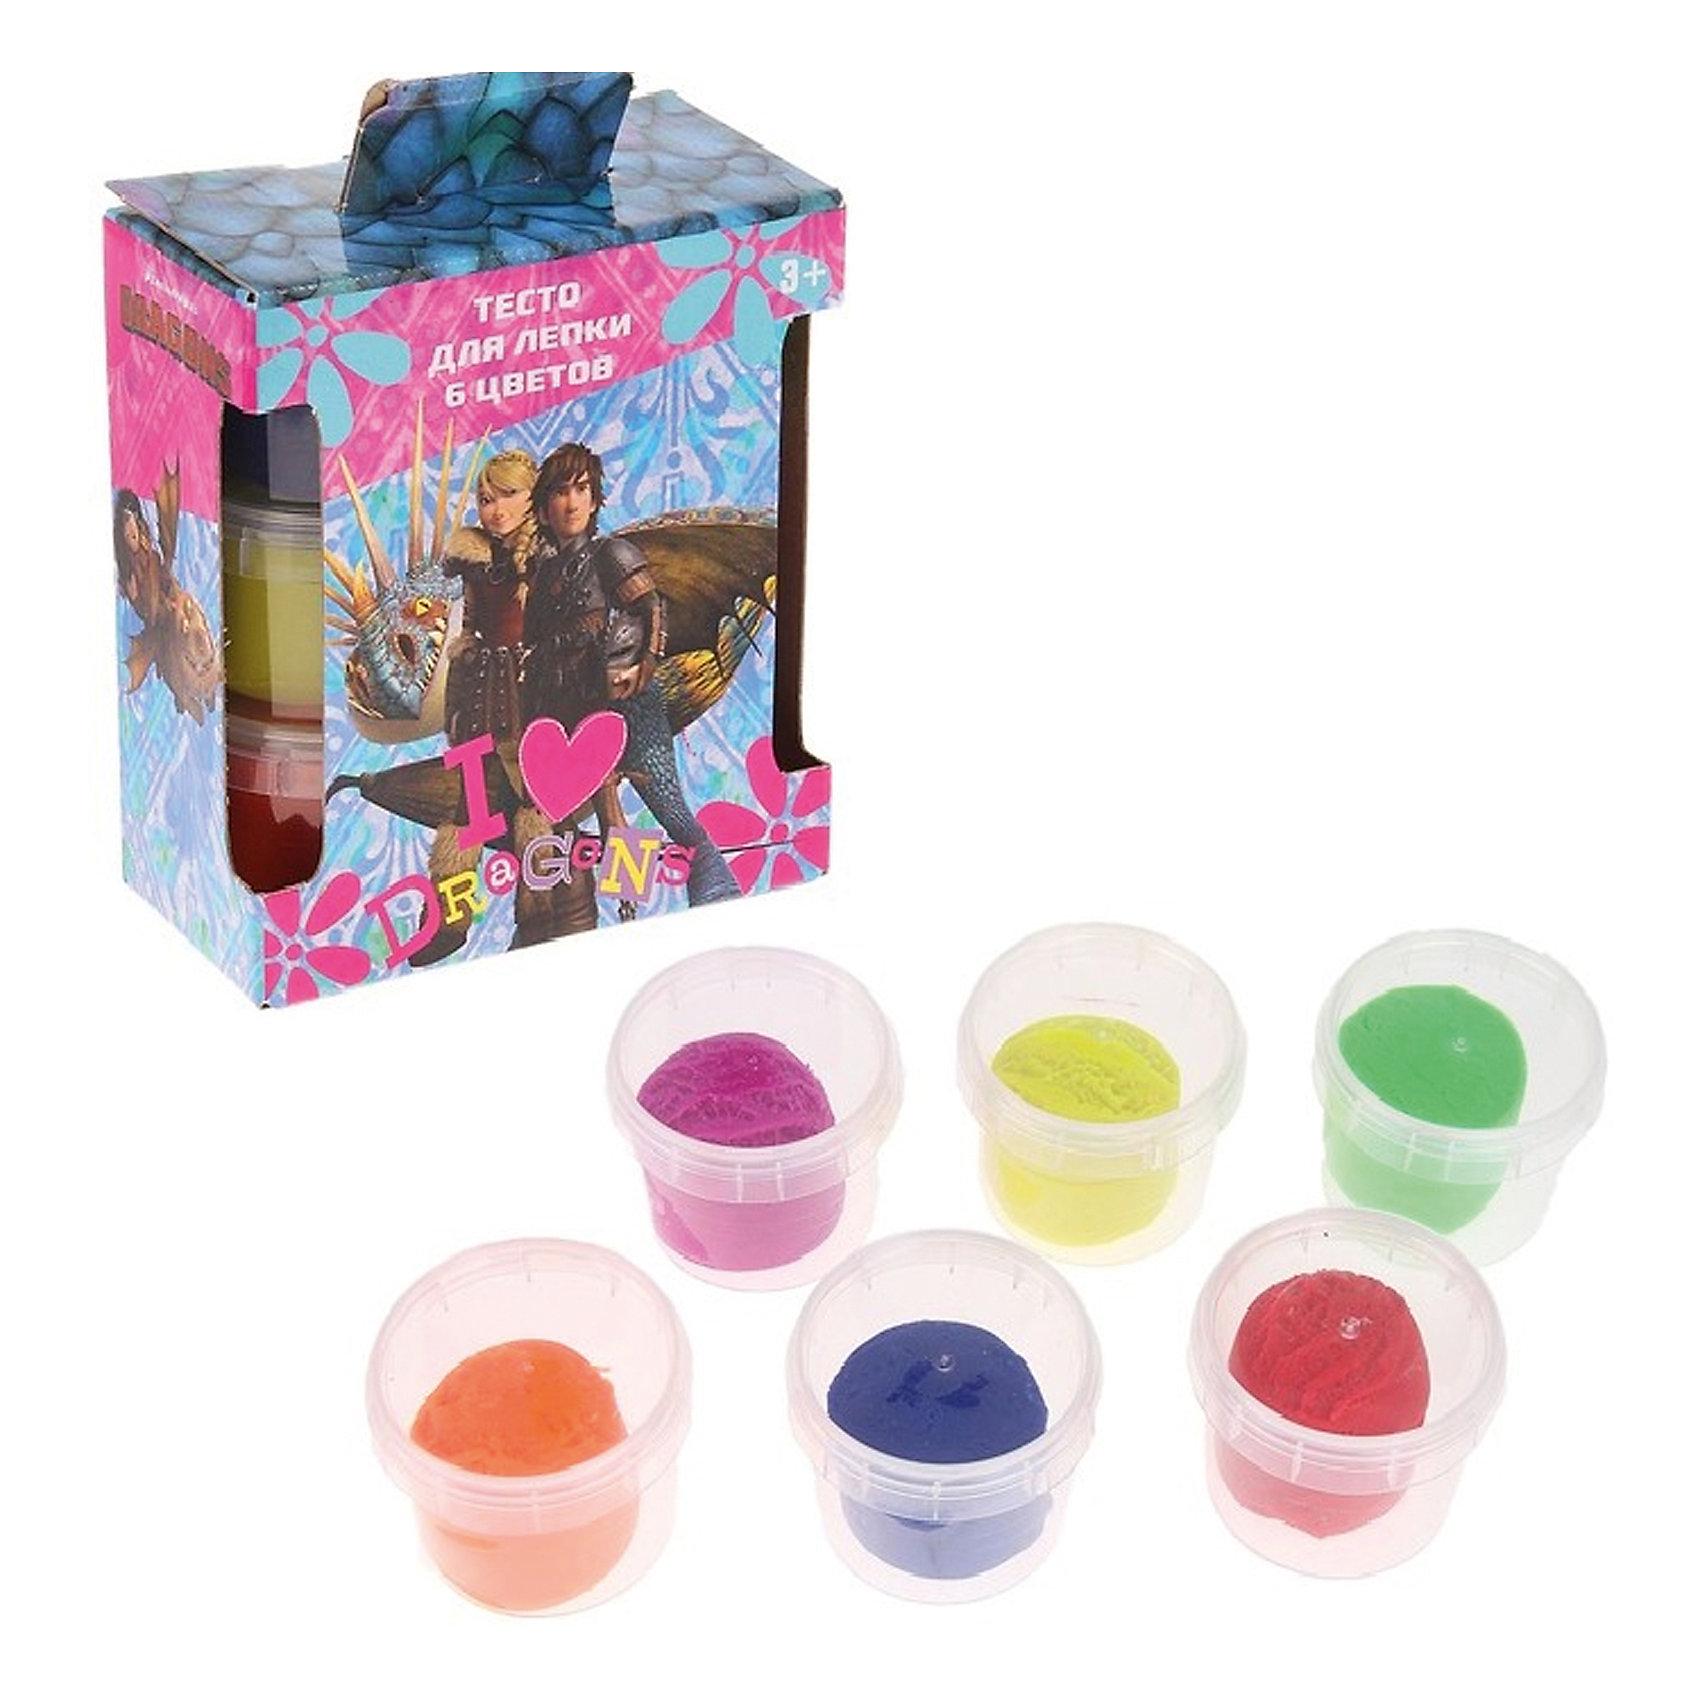 Набор теста для лепки Как приручить Дракона, 6 цветов * 80 гЛепка<br>Набор теста для лепки Как приручить Дракона, 6 цветов * 80 г<br><br>Характеристики:<br><br>- в набор входит: 6 цветов теста по 80 гр.<br>- состав: пластик, тесто: вода, кукурузный крахмал <br>- формат: 19 * 7 * 14,5 см.<br>- вес: 530 гр.<br>- для детей в возрасте: от 3 до 7 лет<br>- Страна производитель: Китай<br><br>Тесто для лепки в удобных пластиковых коробочках и рисунком из любимого мультфильма «Как приручить Дракона» придет по вкусу малышам и родителям. Компания Centrum (Центрум) специализируется на товарах для детского творчества и развития. Безопасный состав теста нетоксичен и безвреден для детей. Веселый дракон и яркие герои мультфильма понравятся как мальчикам, так и девочкам. Яркие цвета теста отлично смешиваются между собой и получаются новые оттенки, которые понравится вашим юным творцам. После игры тесто можно убрать в практичные пластиковые коробочки. Игра с тестом для лепки разрабатывает моторику ручек, творческие способности, успокаивает, помогает развить аккуратность и внимание. <br><br>Набор теста для лепки Как приручить Дракона, 6 цветов * 80 г можно купить в нашем интернет-магазине.<br><br>Ширина мм: 70<br>Глубина мм: 145<br>Высота мм: 190<br>Вес г: 530<br>Возраст от месяцев: 36<br>Возраст до месяцев: 120<br>Пол: Унисекс<br>Возраст: Детский<br>SKU: 5175409